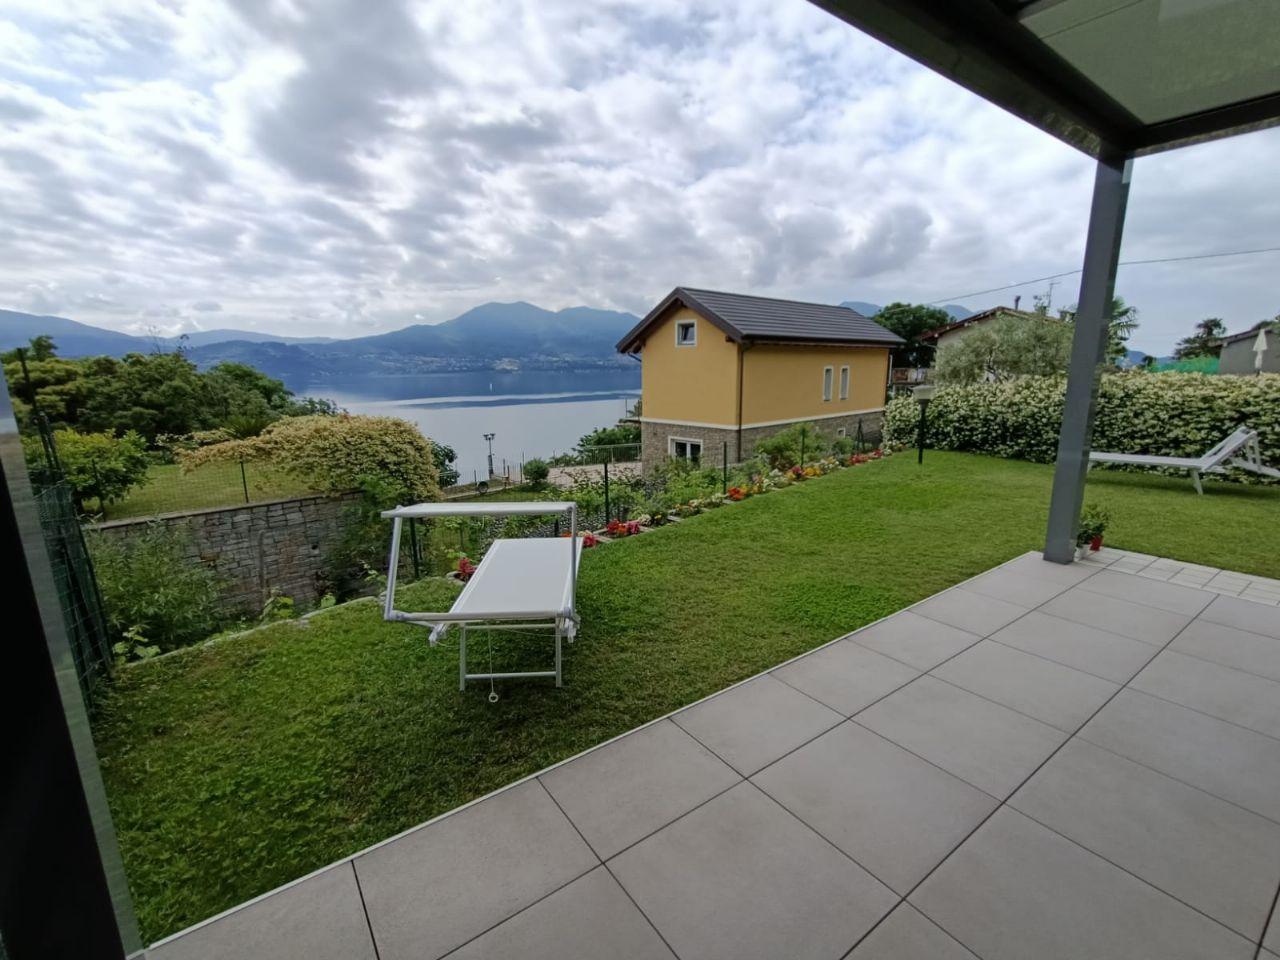 Cannero Riviera villetta bifamiliare con giardino e vista lago